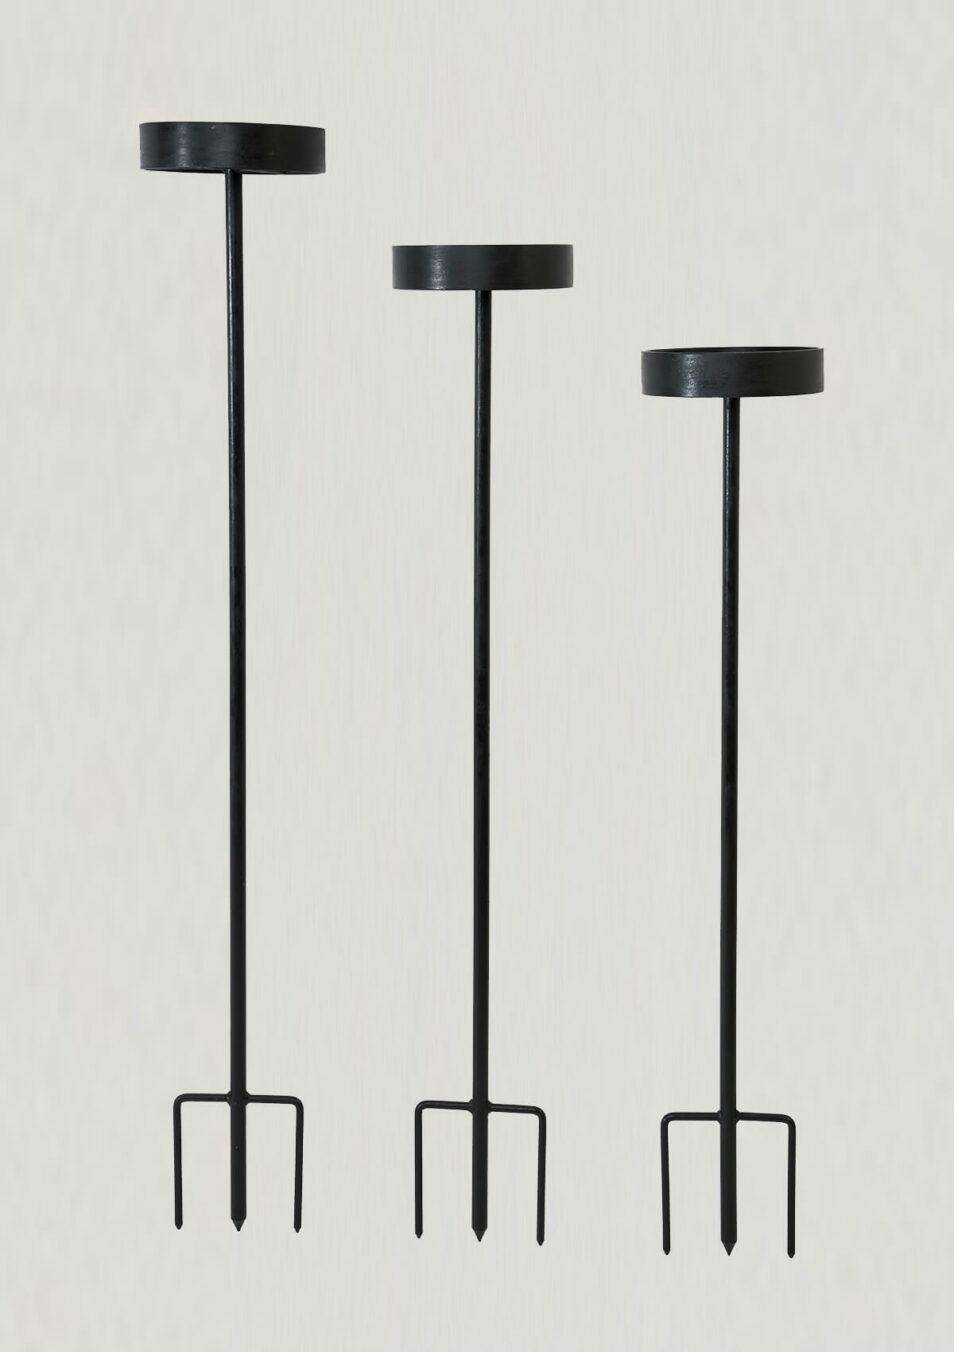 fakkelholder til udendørs lys